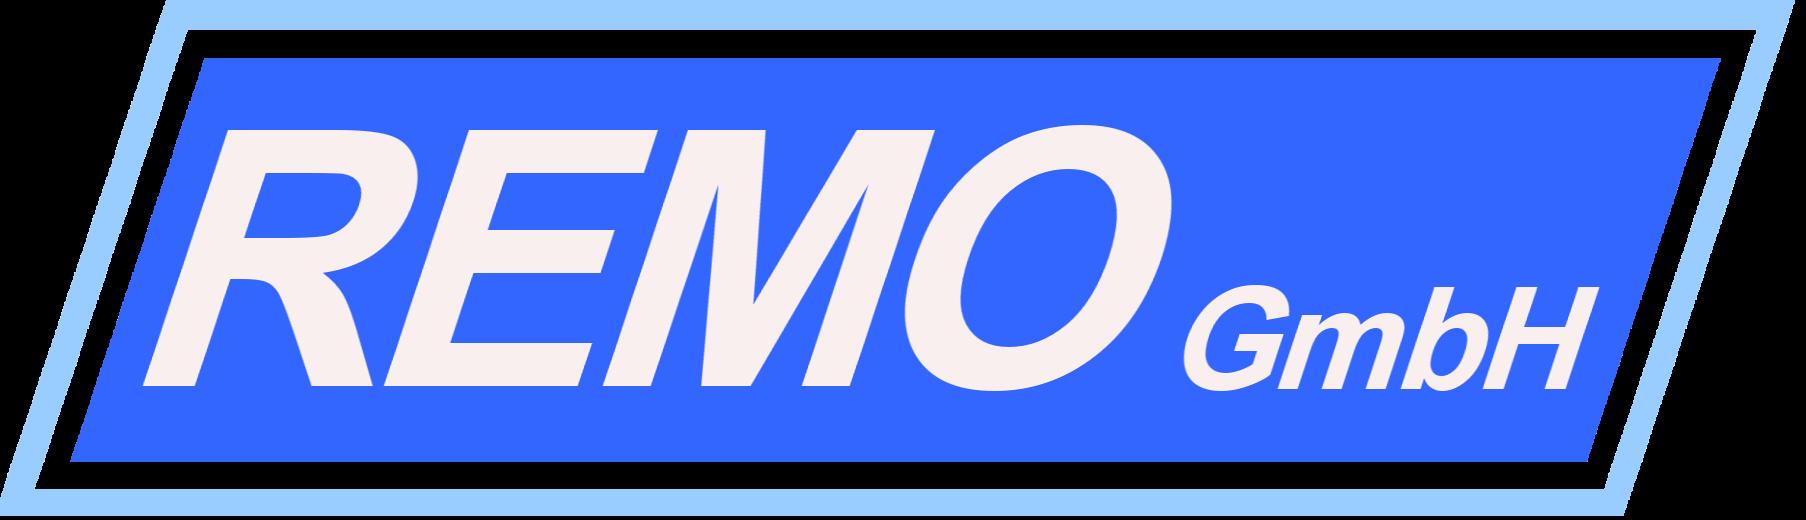 Werkstatt- und Industrieausrüster seit 1989